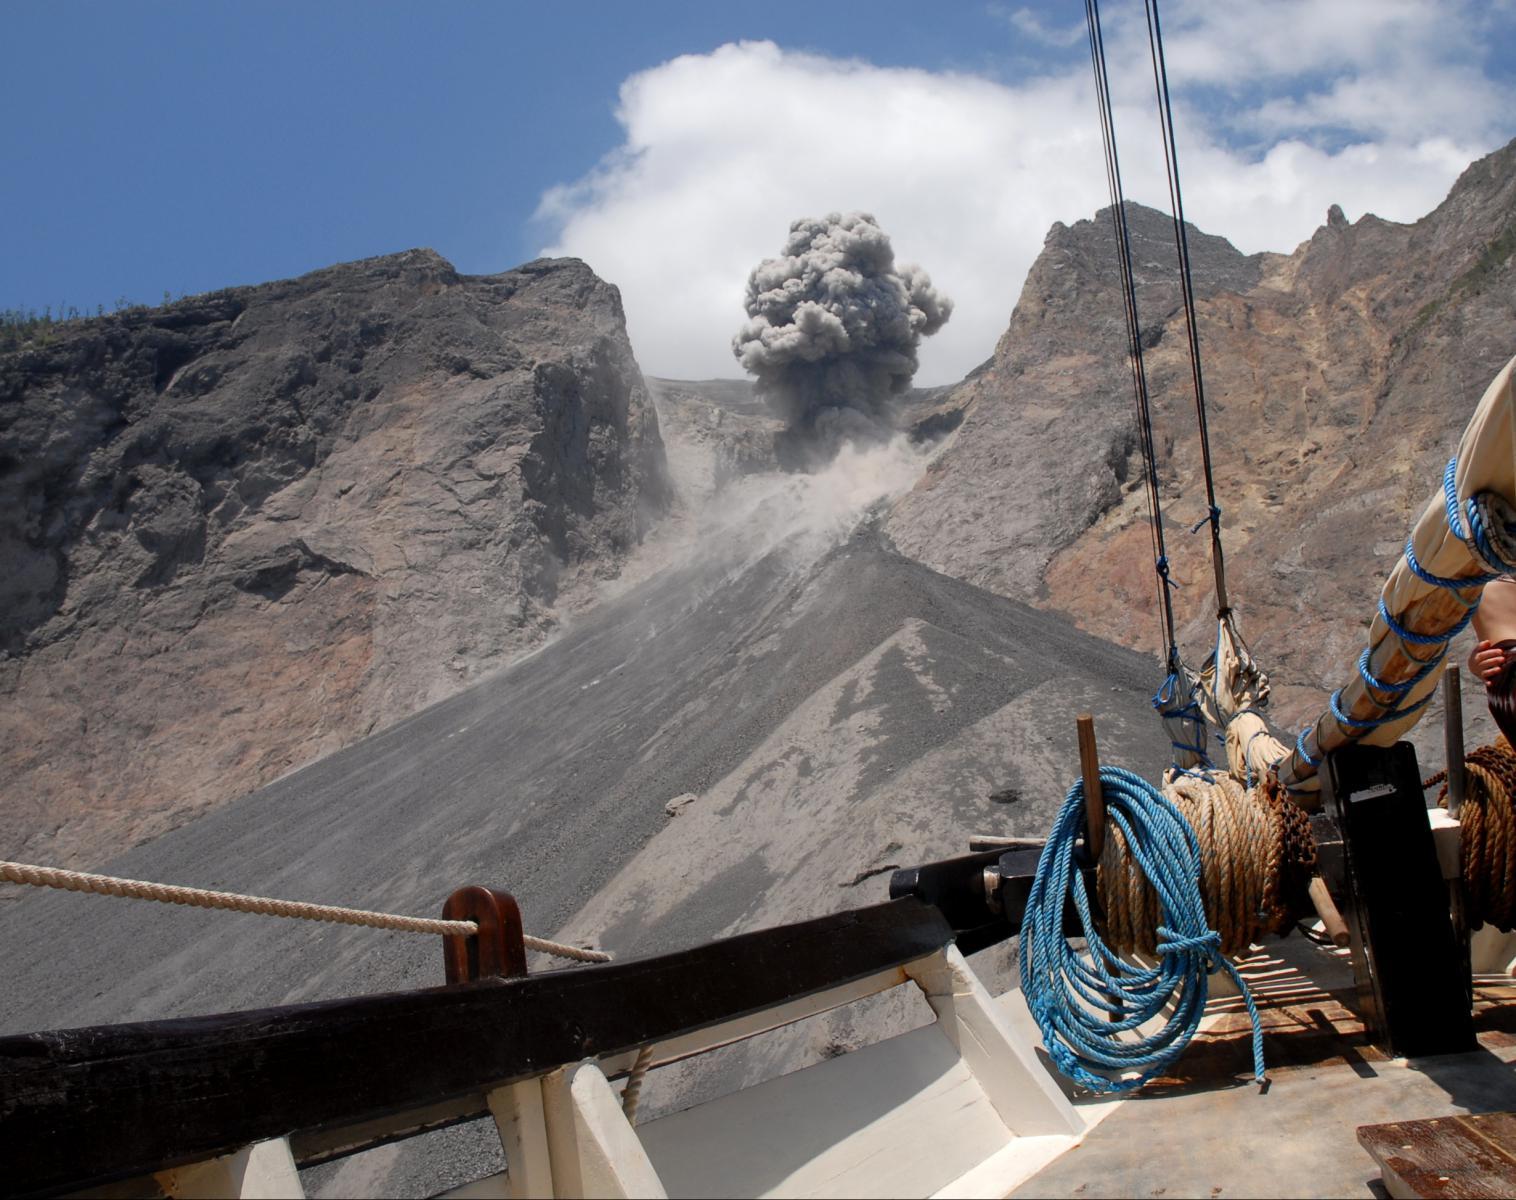 Indonésie  Terre de Feu, volcans et paradis sauvage    Trek & Randonnée Observation nature Apnée & Plongée  Rencontres et cultures du Monde